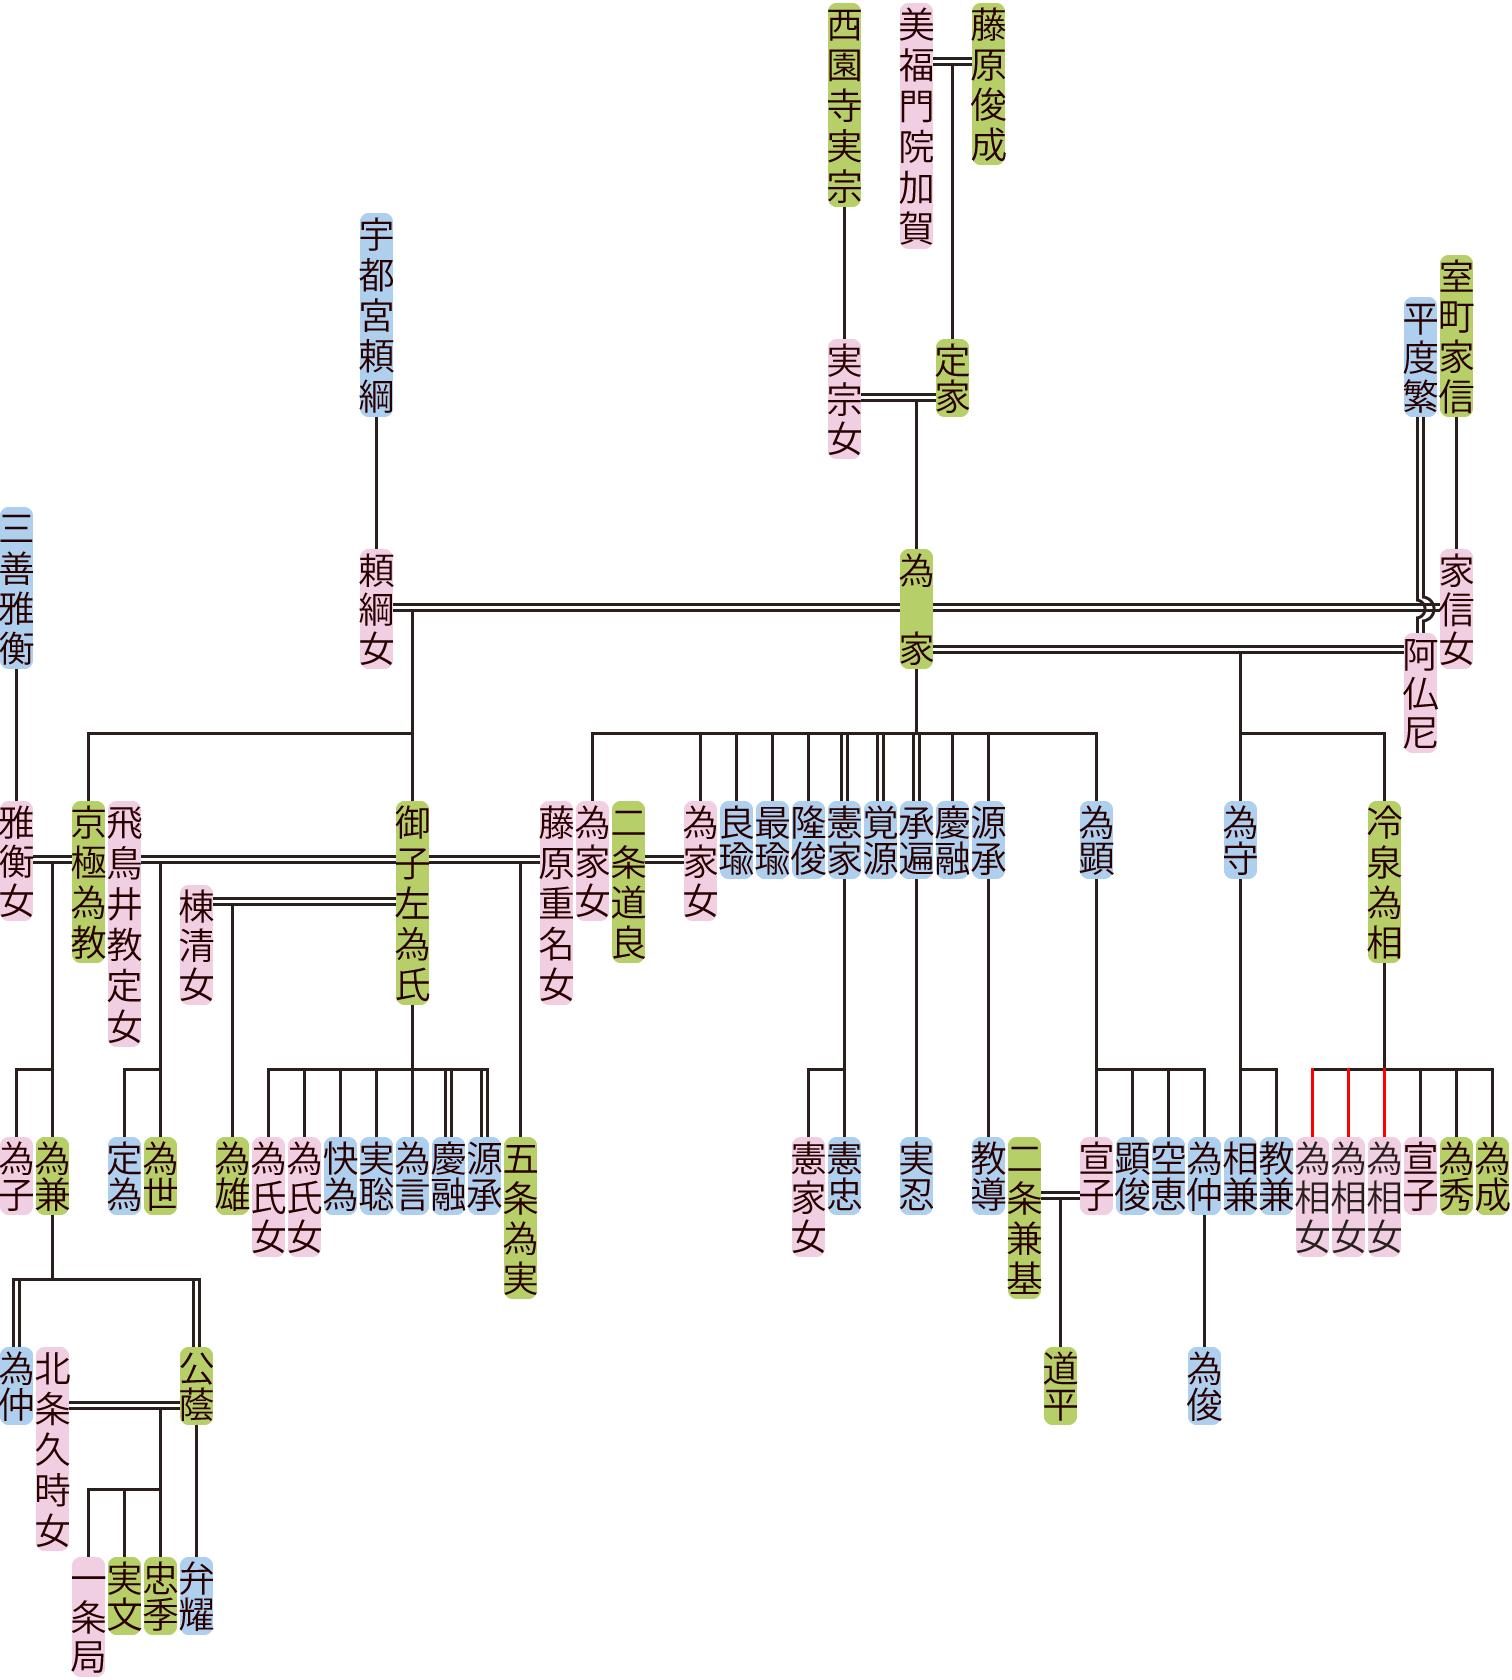 藤原為家の系図